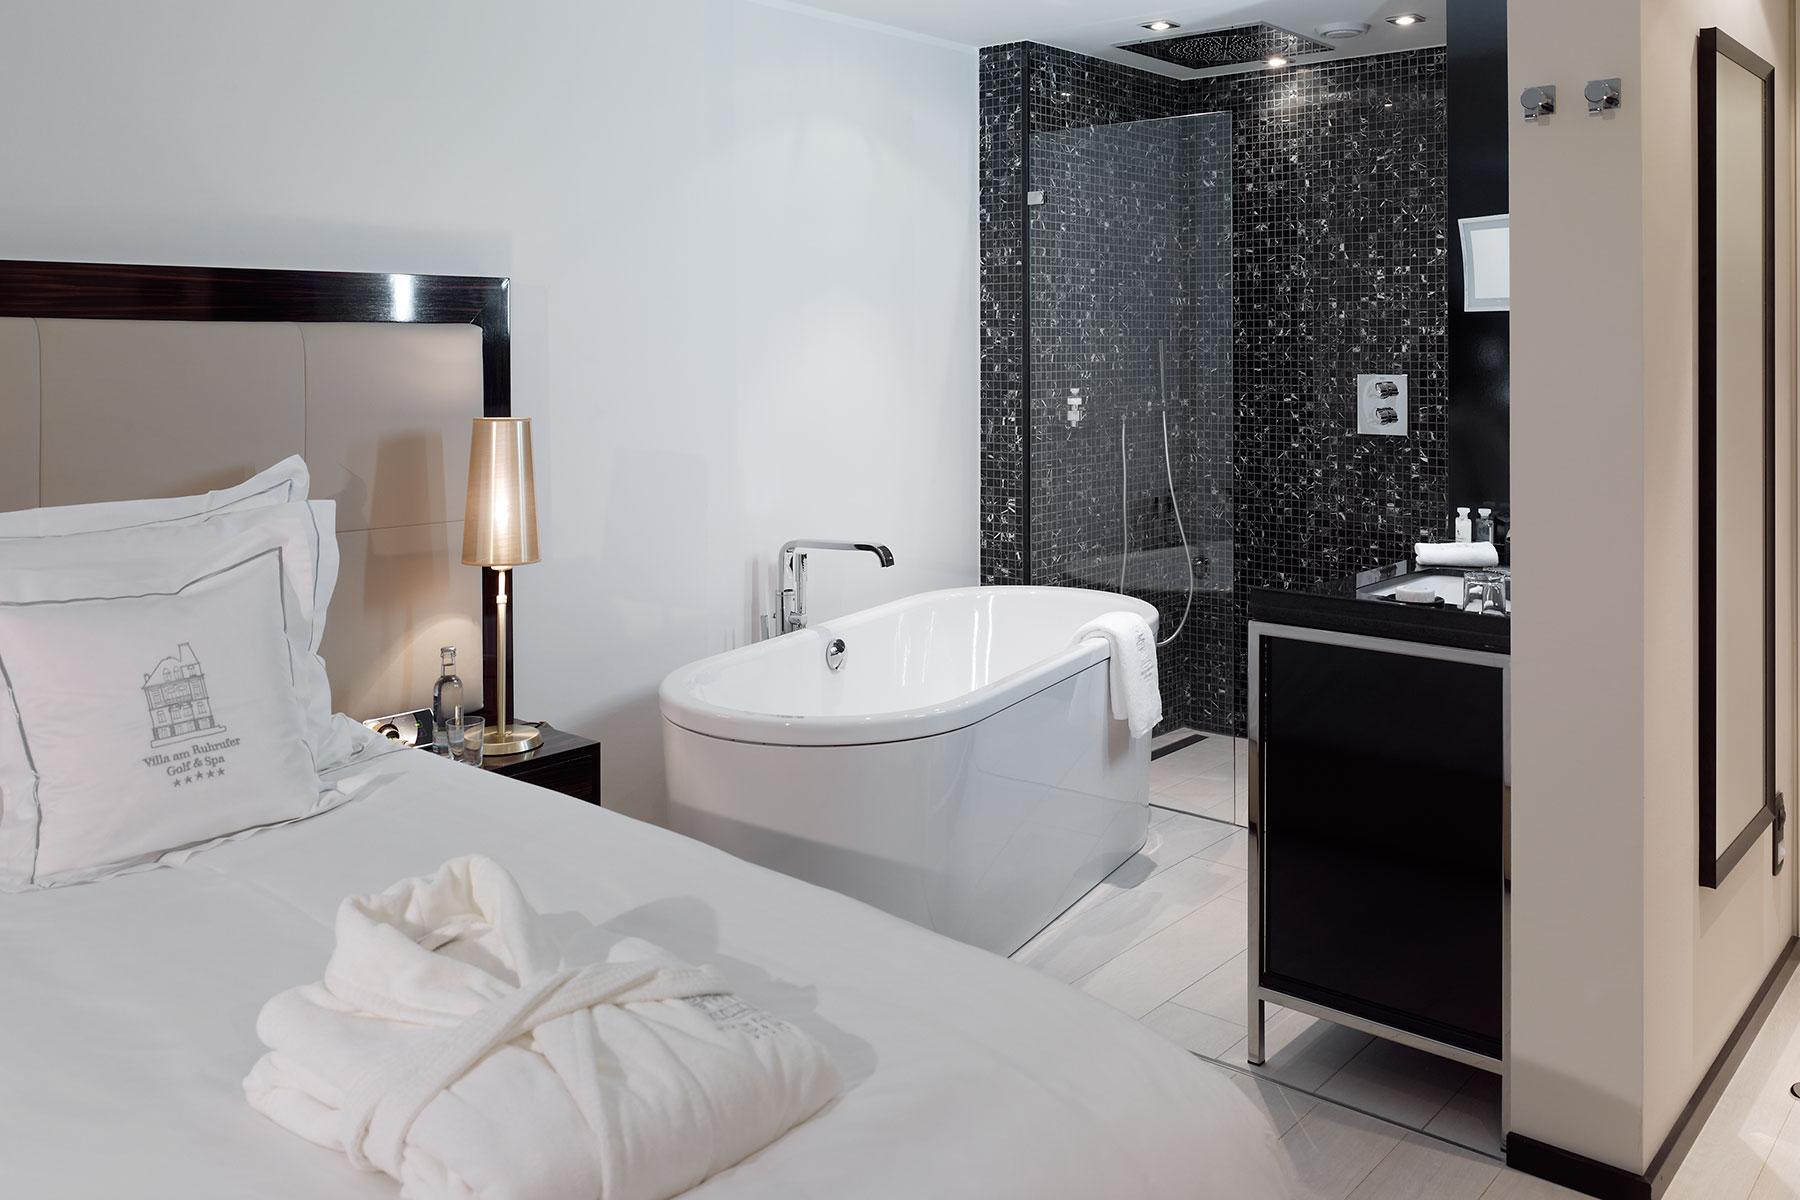 hotel villa am ruhrufer nicole zimmermann fotodesign. Black Bedroom Furniture Sets. Home Design Ideas